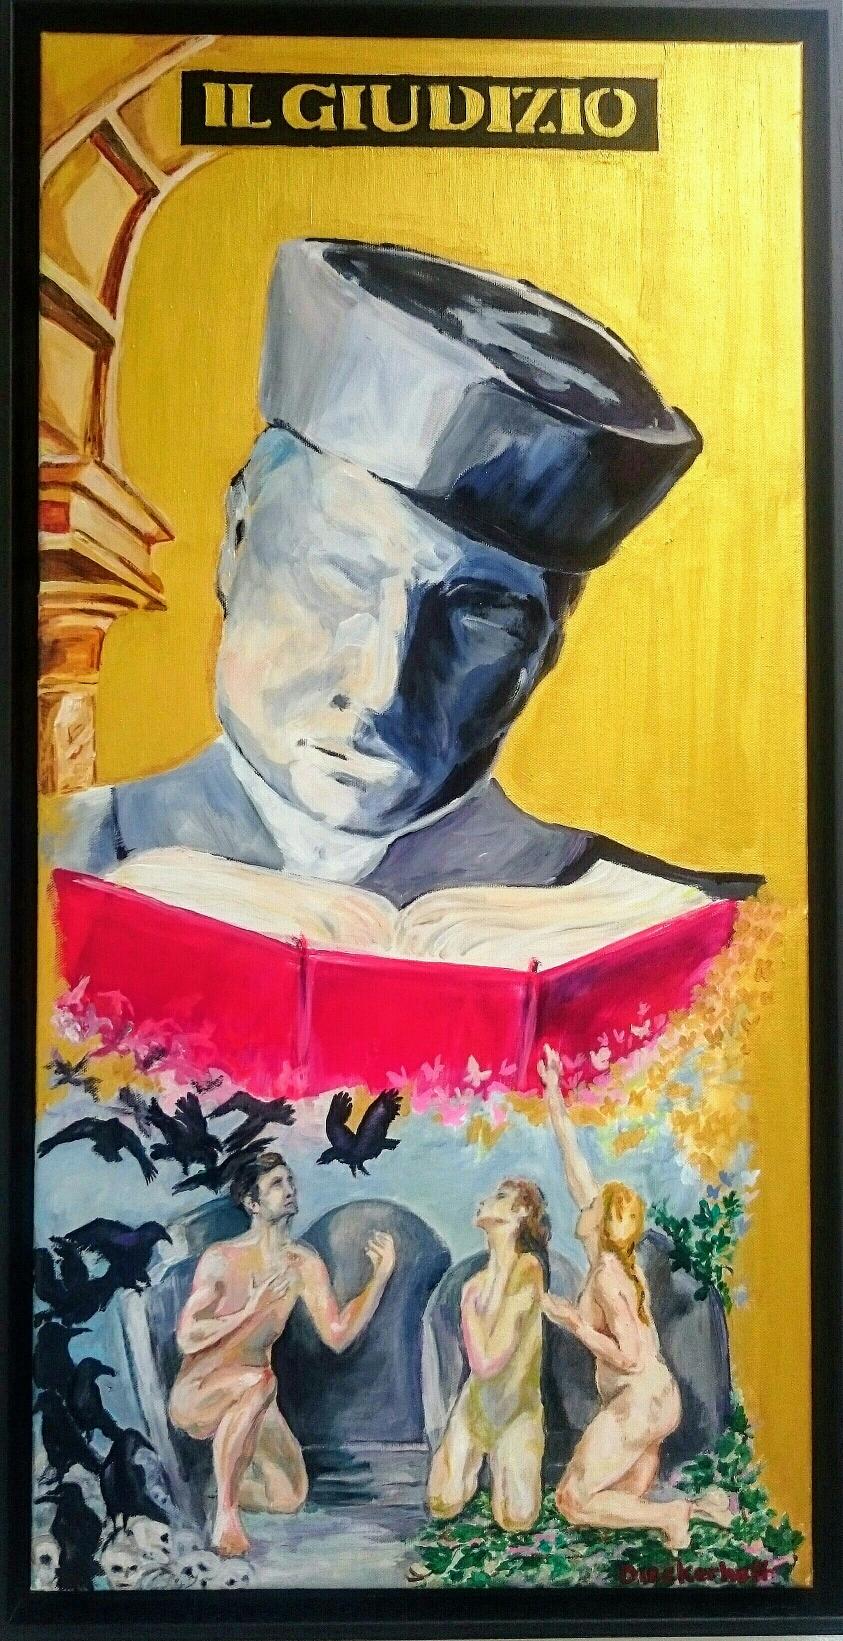 IL GIUDIZIO, 80 x 40 cm, Acryl auf Leinwand